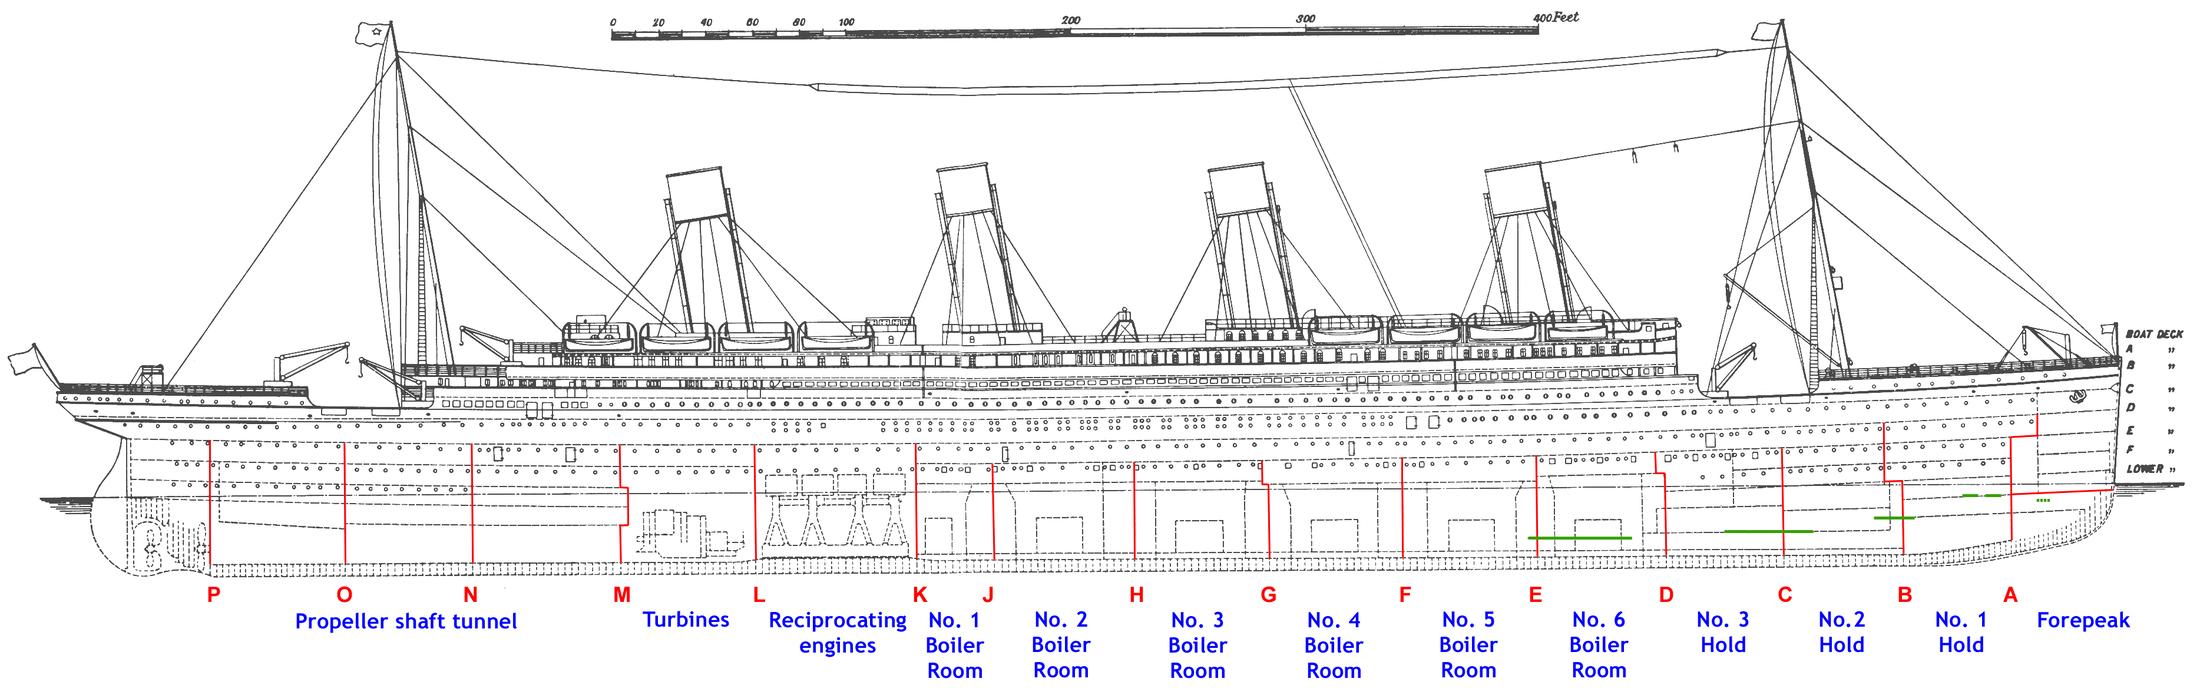 medium resolution of diagram of rms titanic